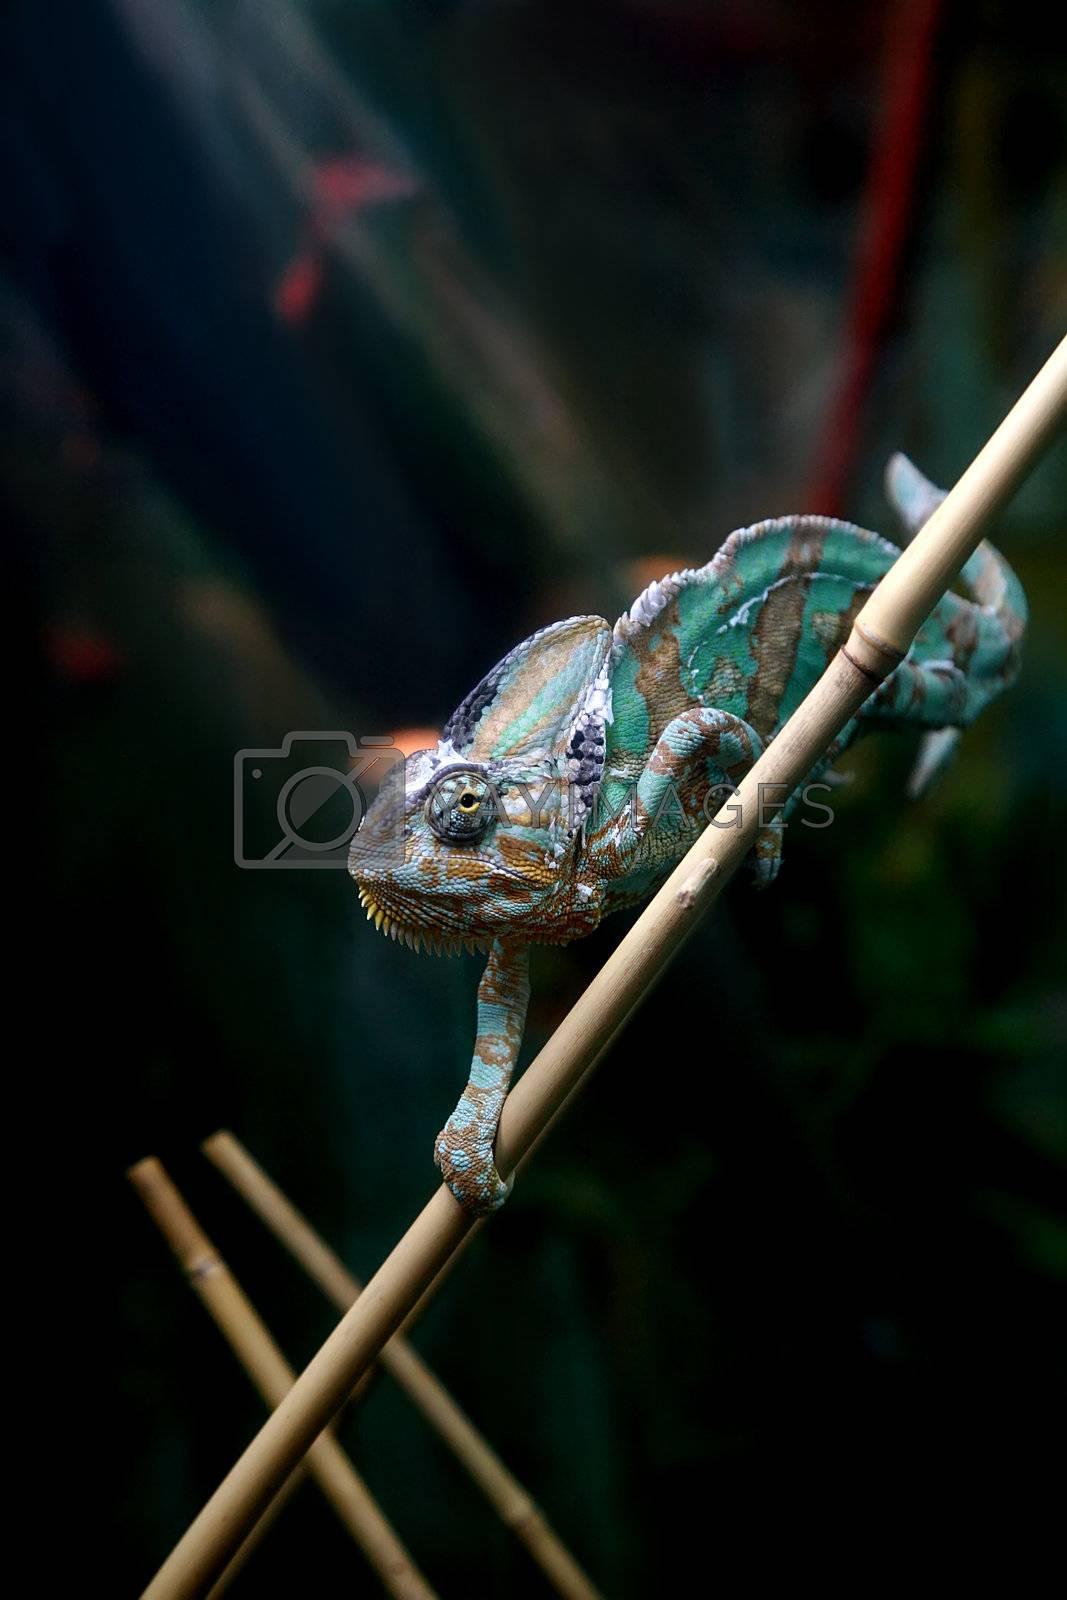 lizard chameleon by skutin